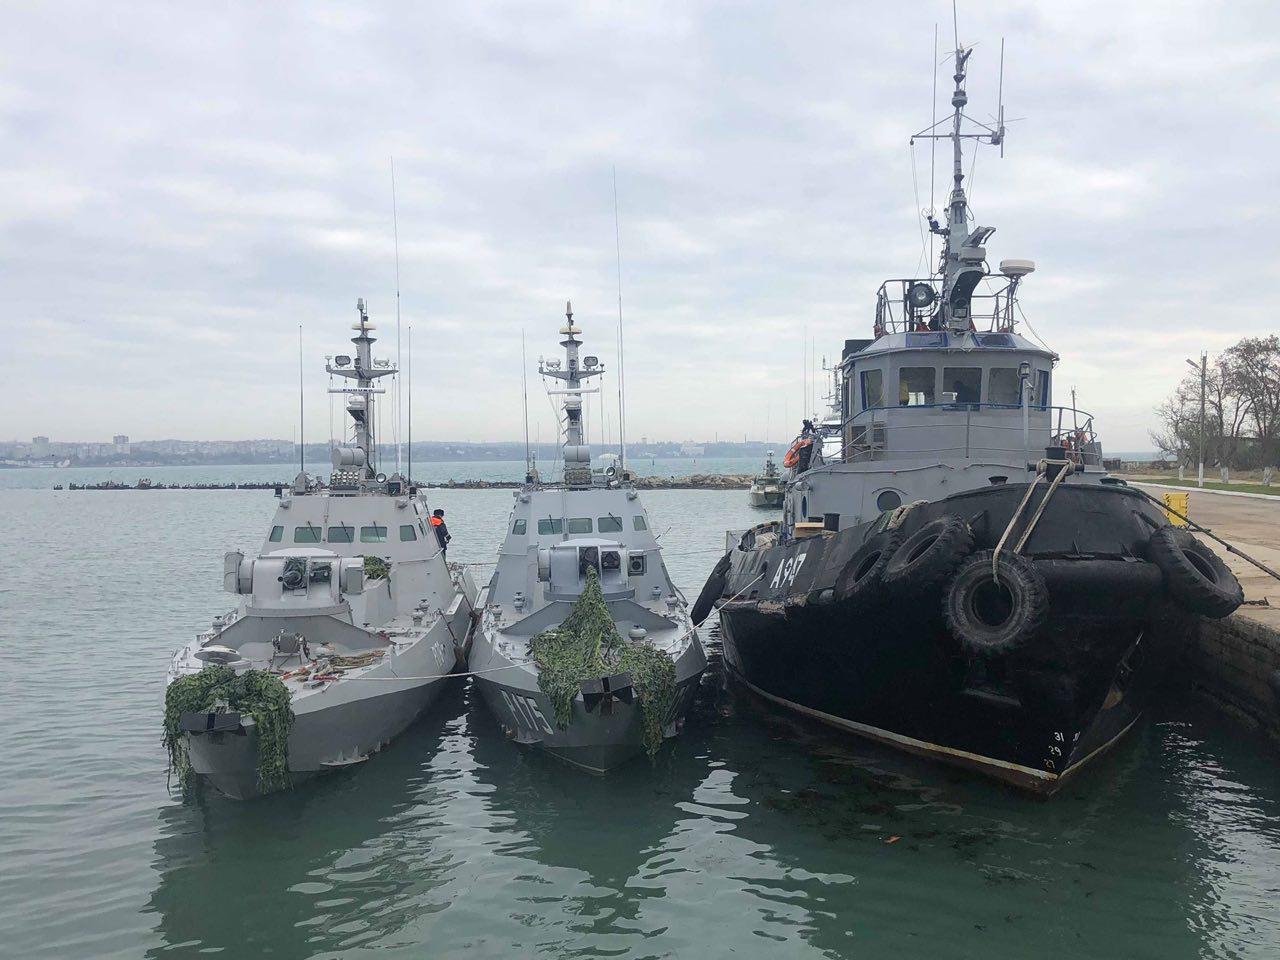 Арестованные суда Украинского Военного флота: два артиллерийских катера и буксир. Общее число экипажей 12 человек.